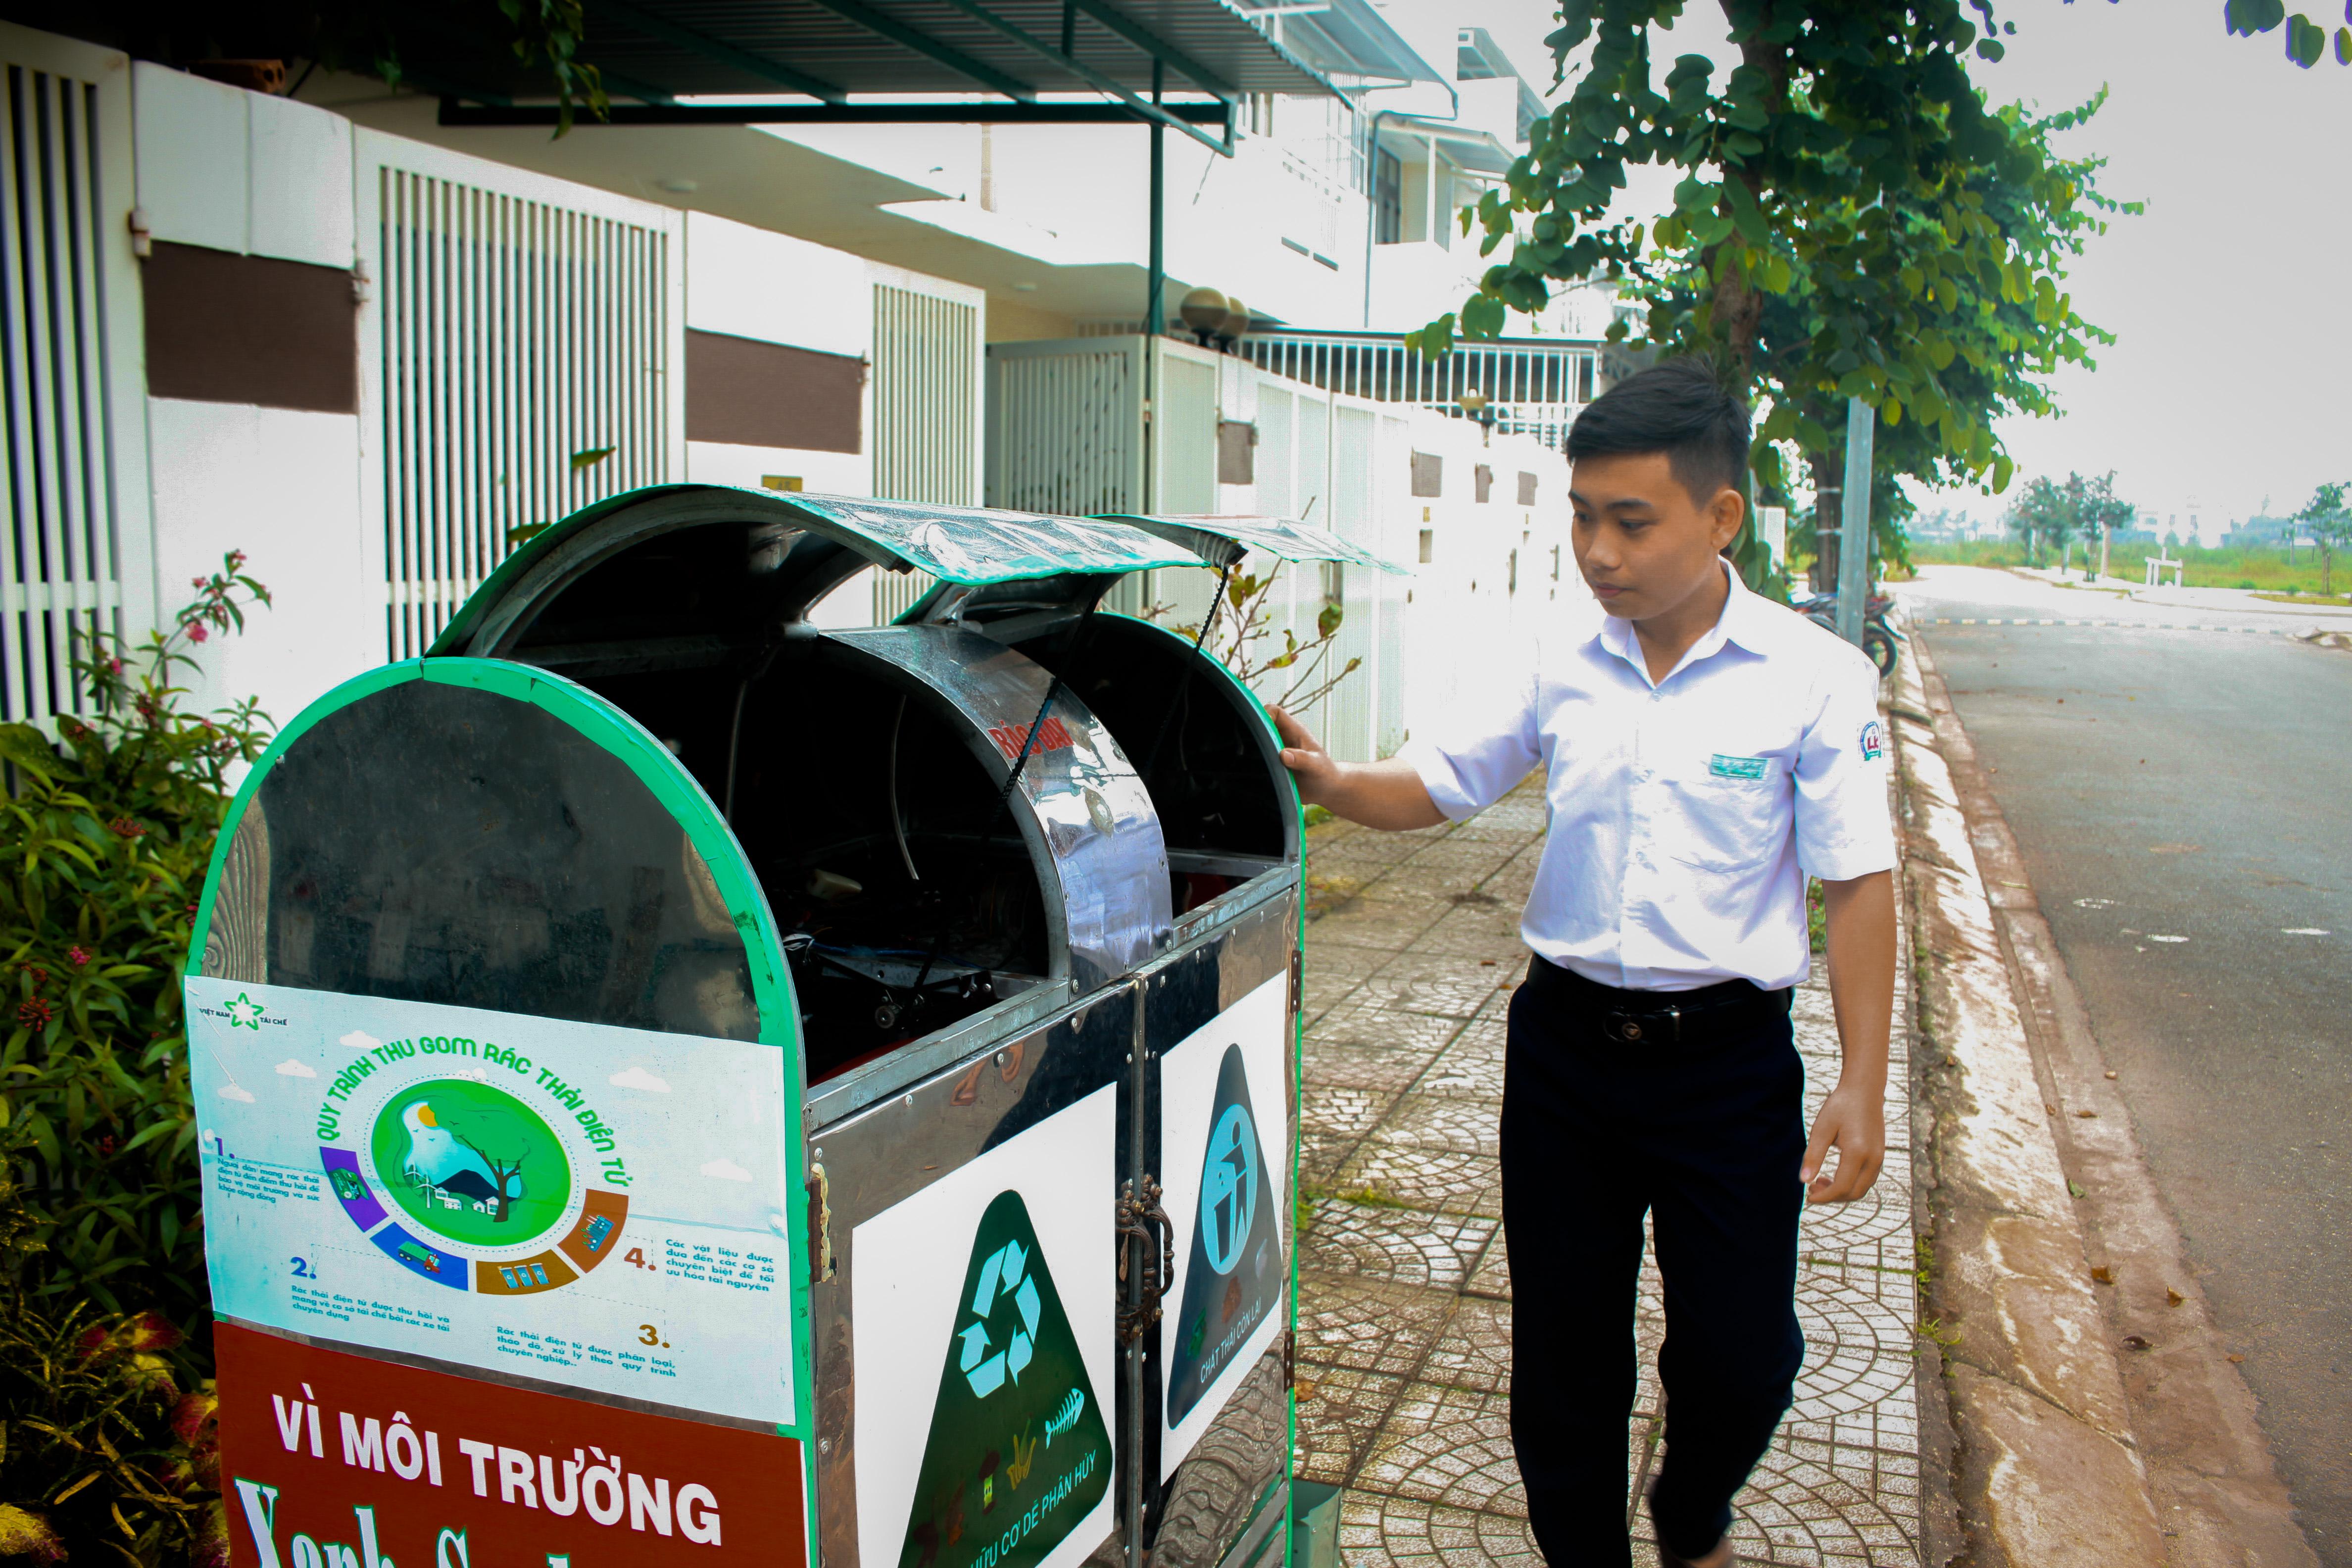 Thùng rác thông minh đặt tại khu đô thị thuộc TP. Quảng Ngãi.